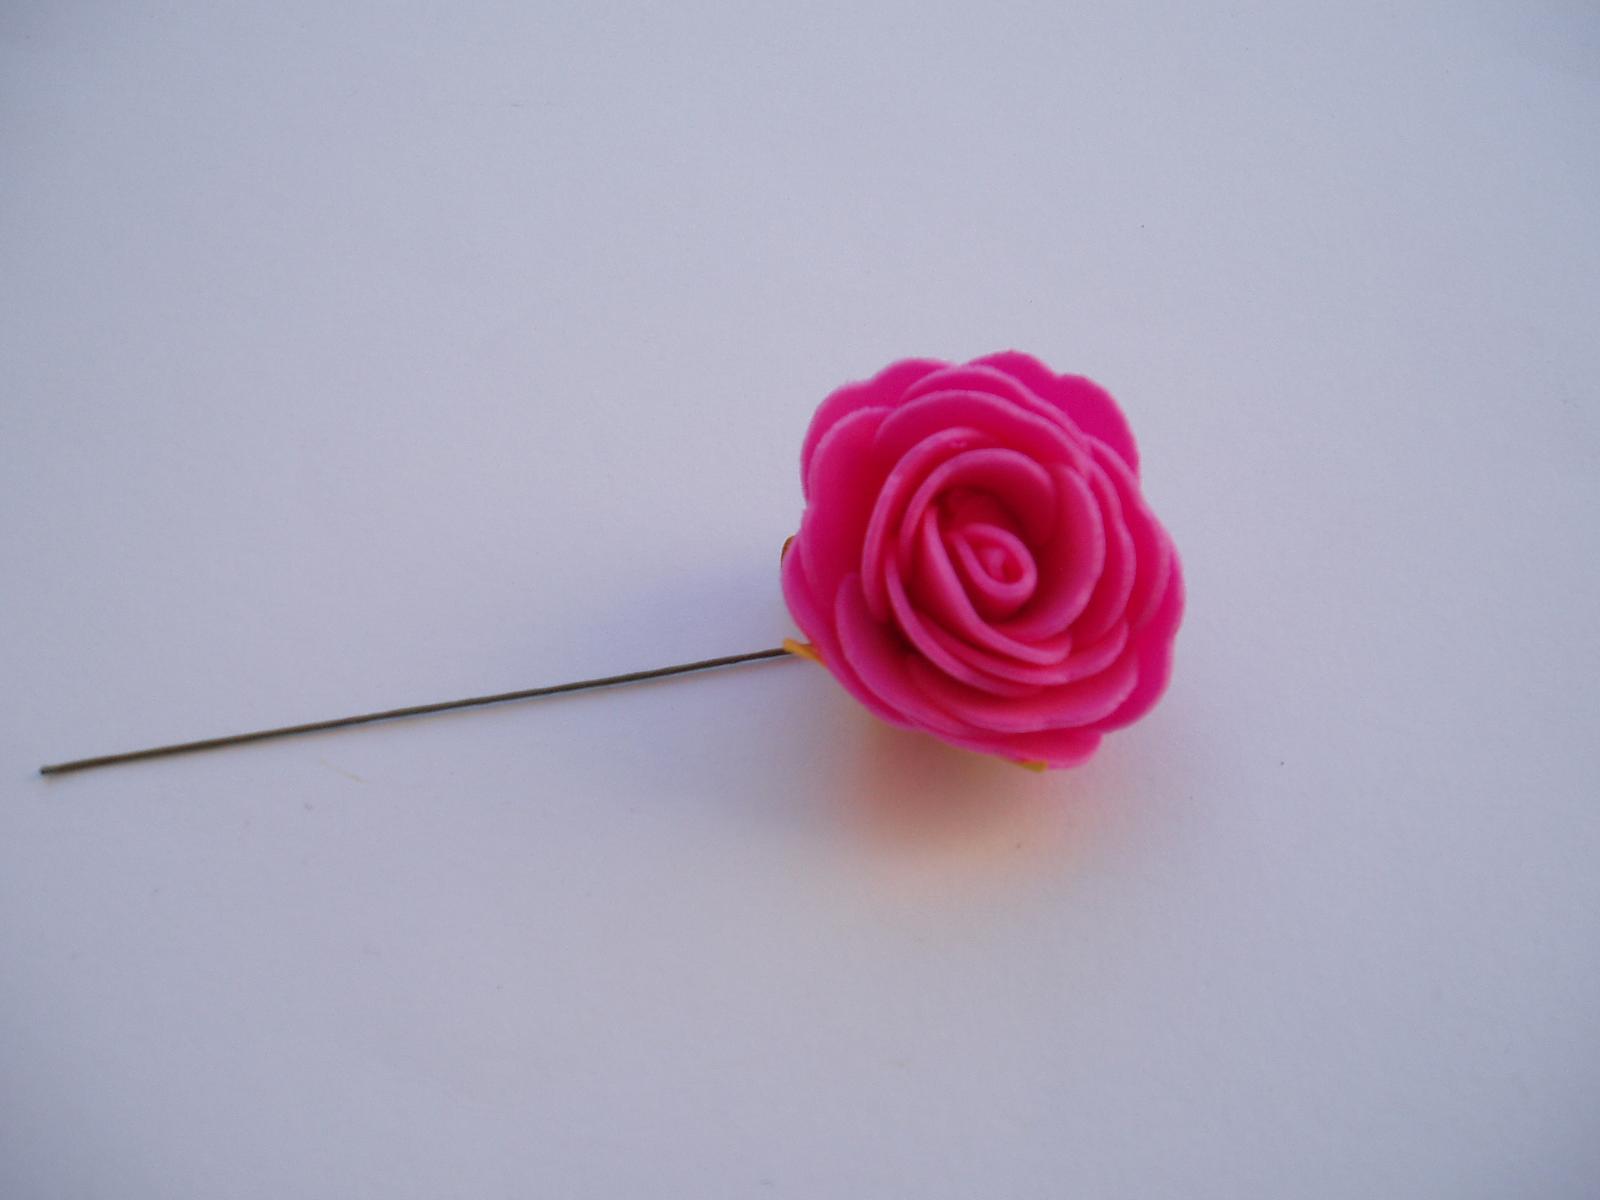 pěnová růže 4 cm - Obrázek č. 2